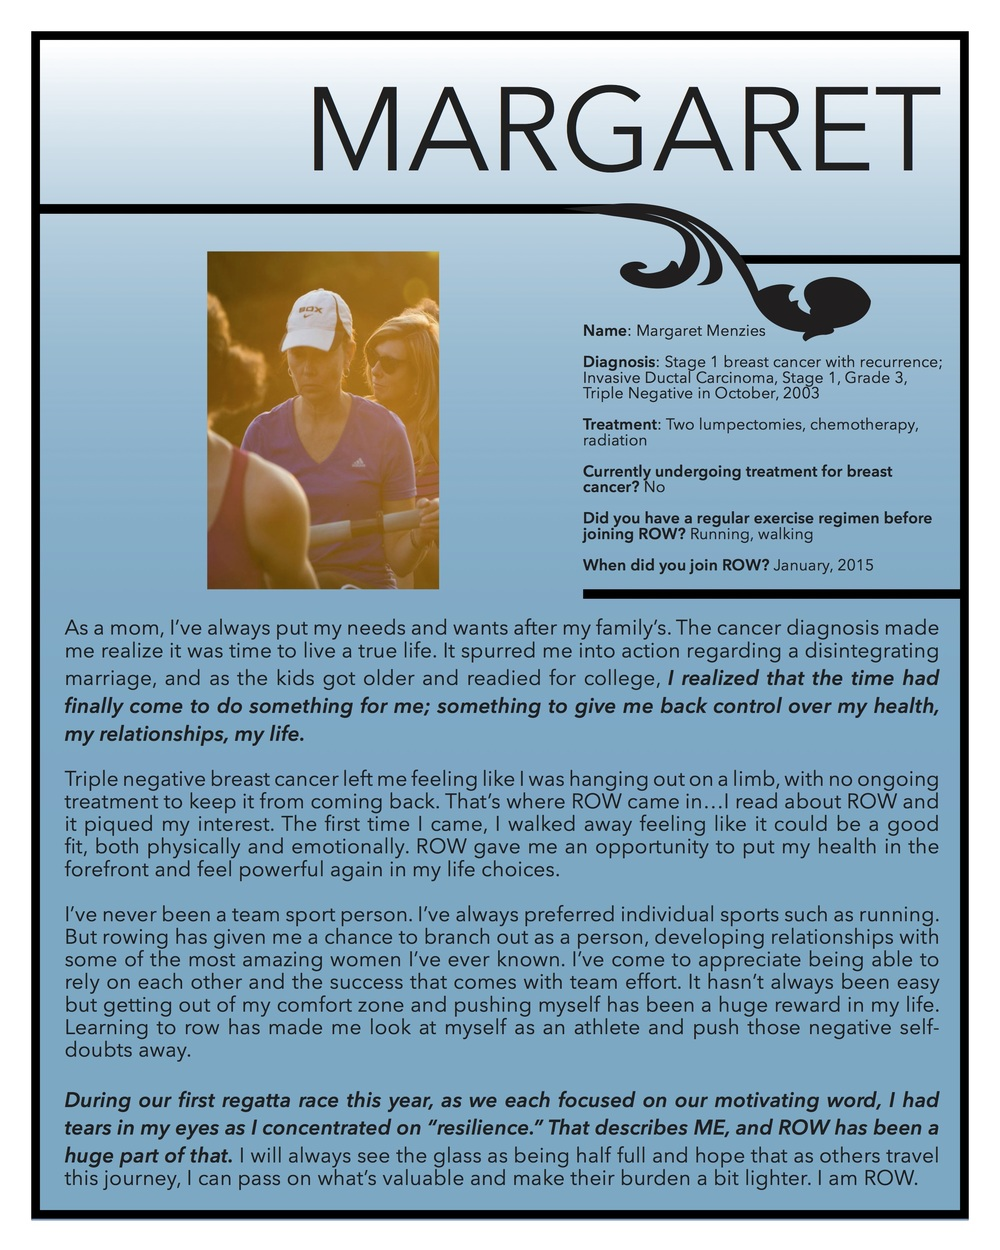 MargaretMenzies_pROWfile.jpg